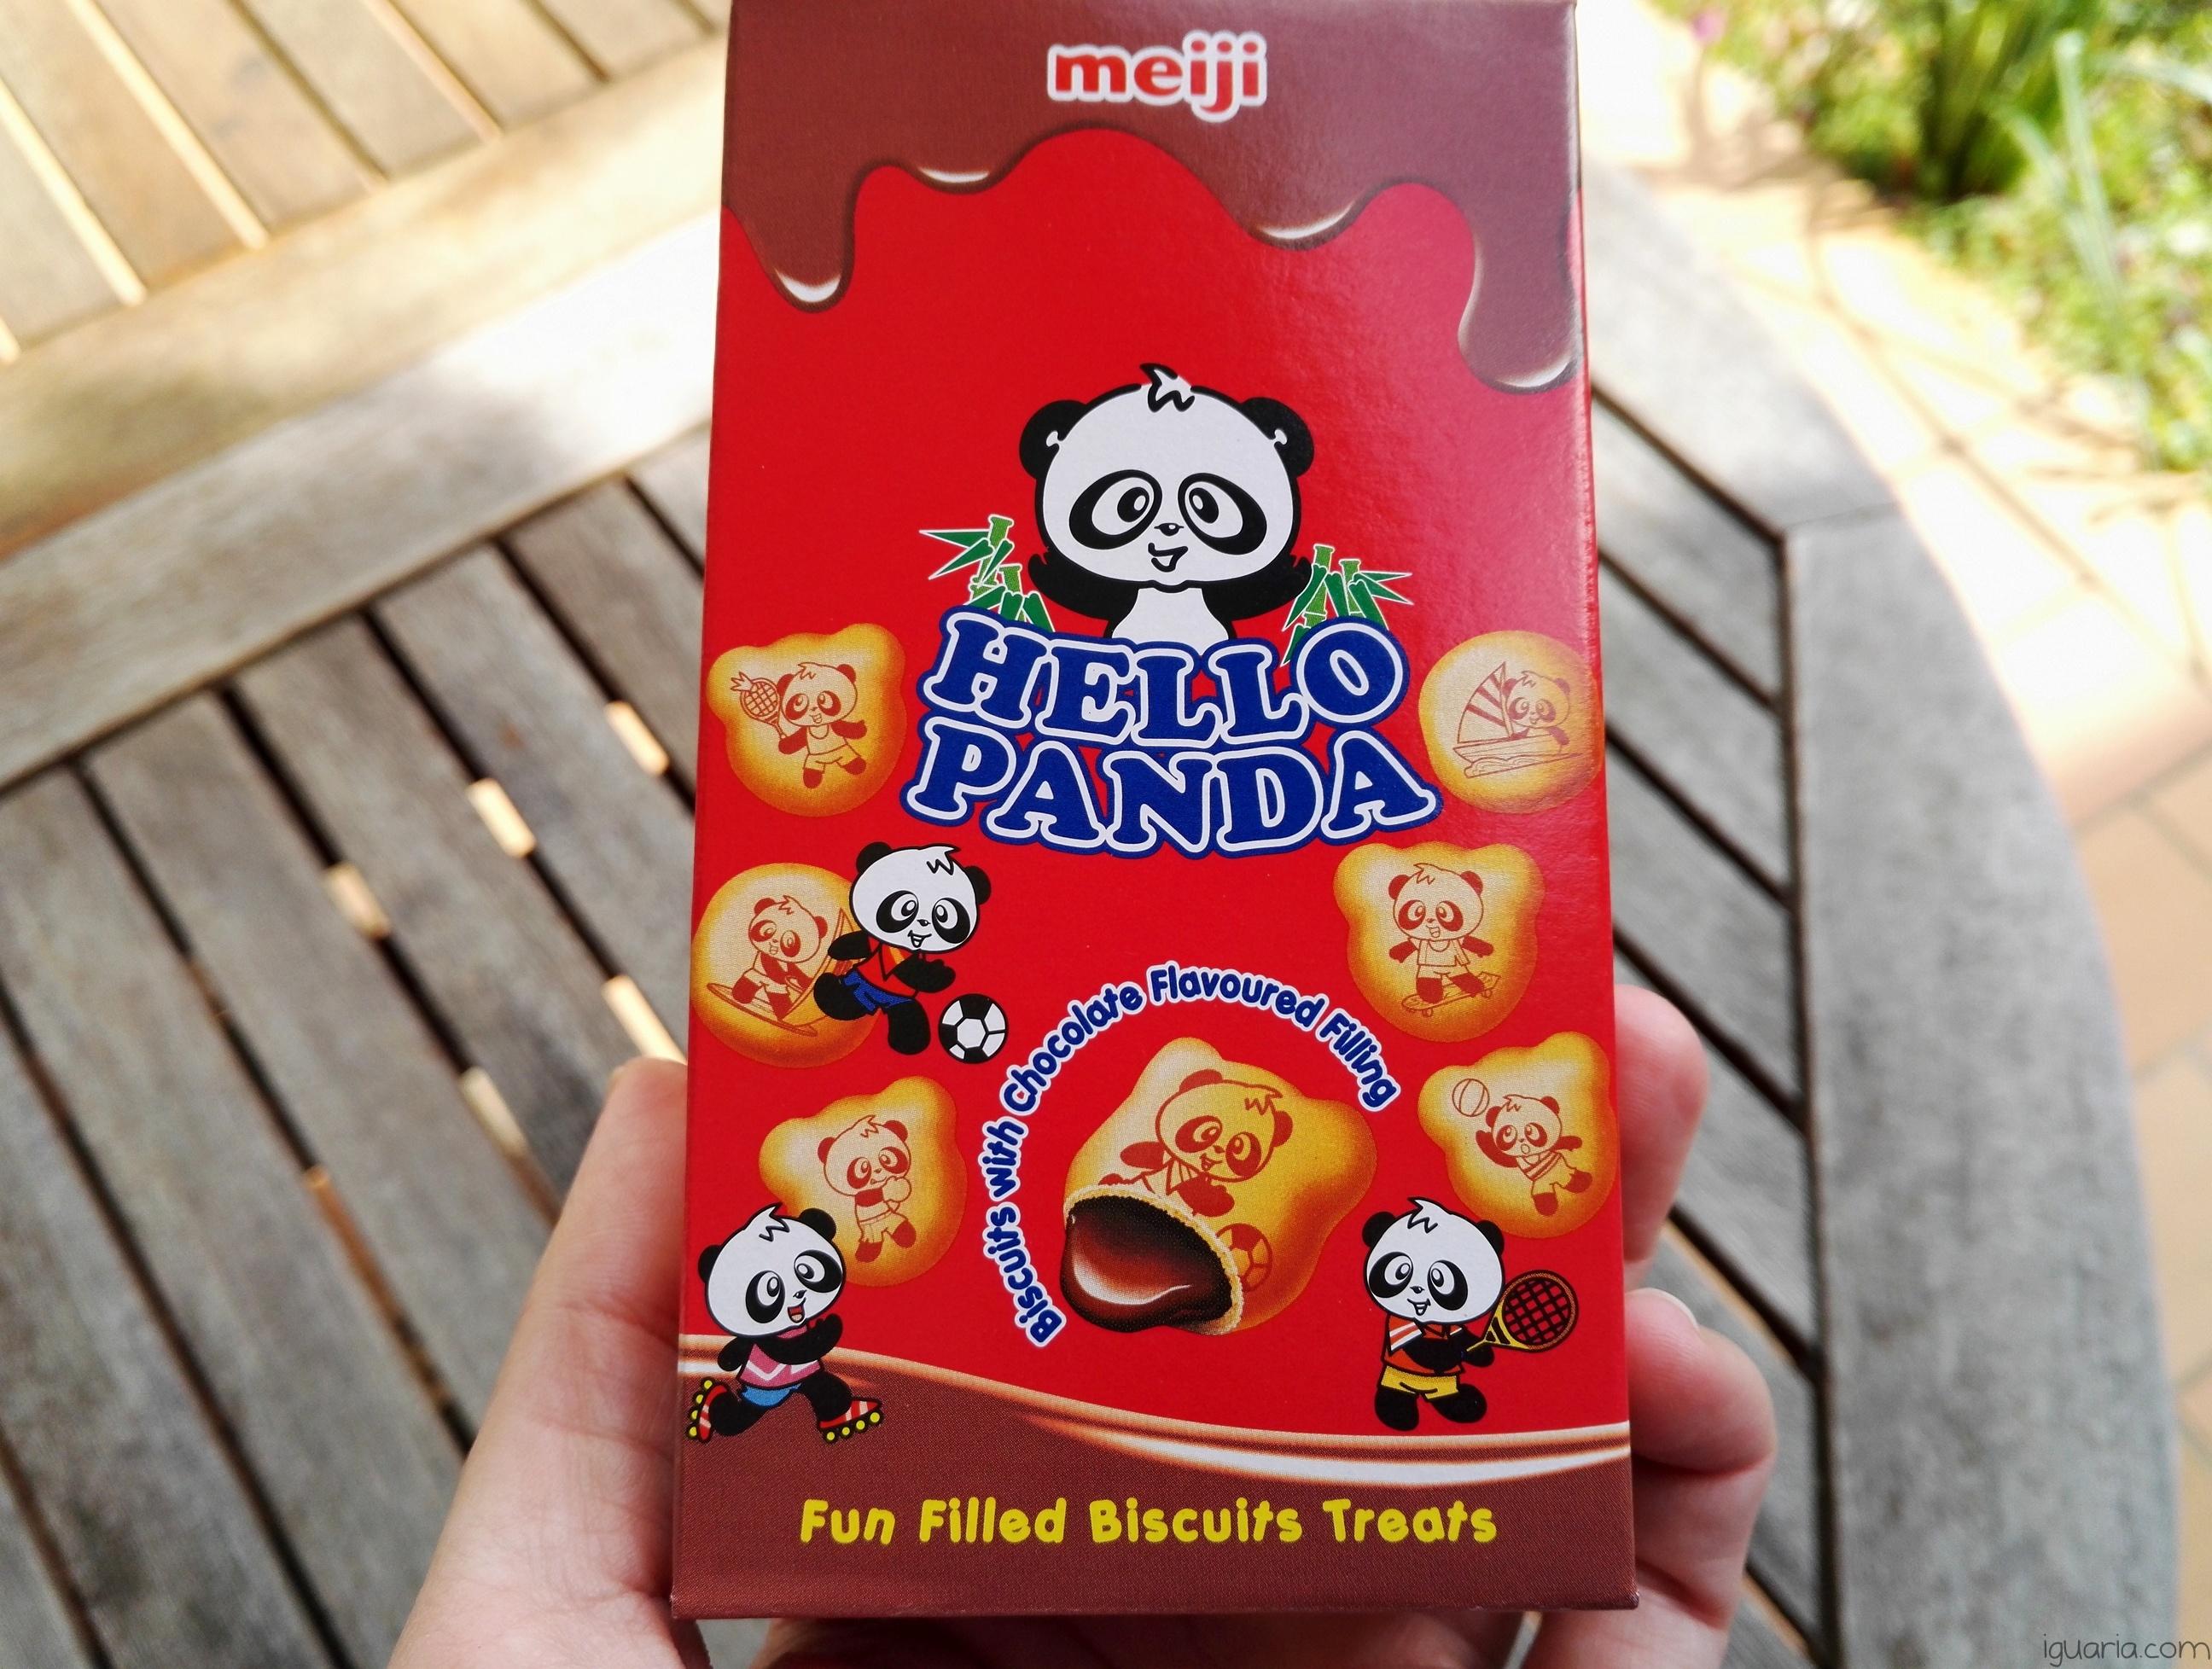 Iguaria_Meiji-Biscoitos-Hello-Panda